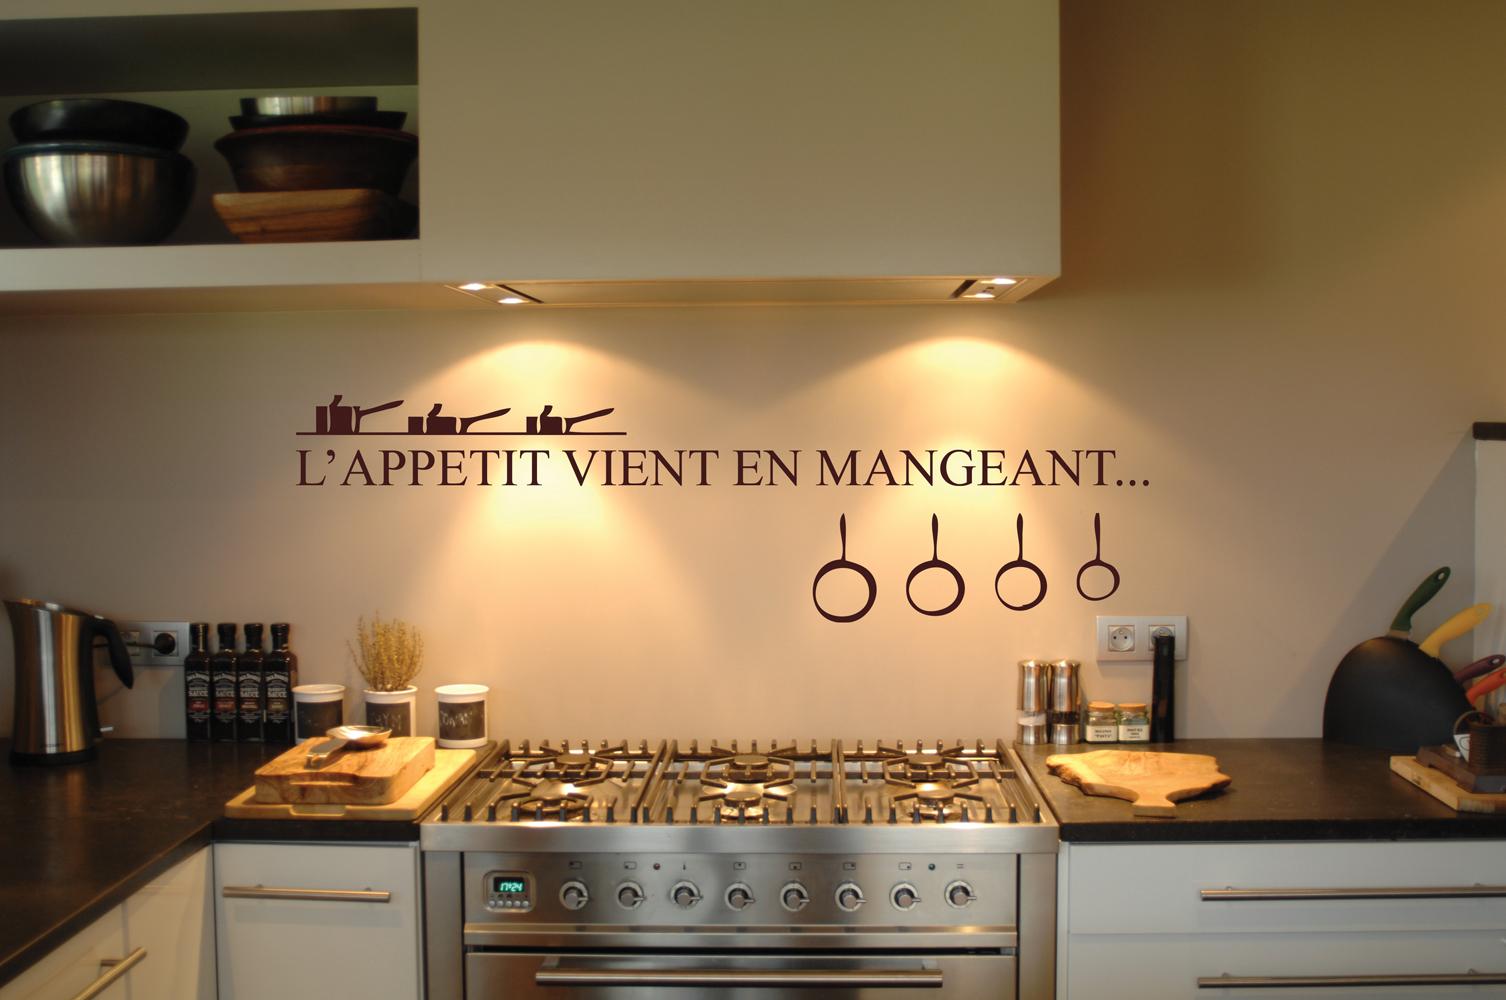 Choix De Peinture Cuisine idées couleurs murales pour la cuisine - painttrade